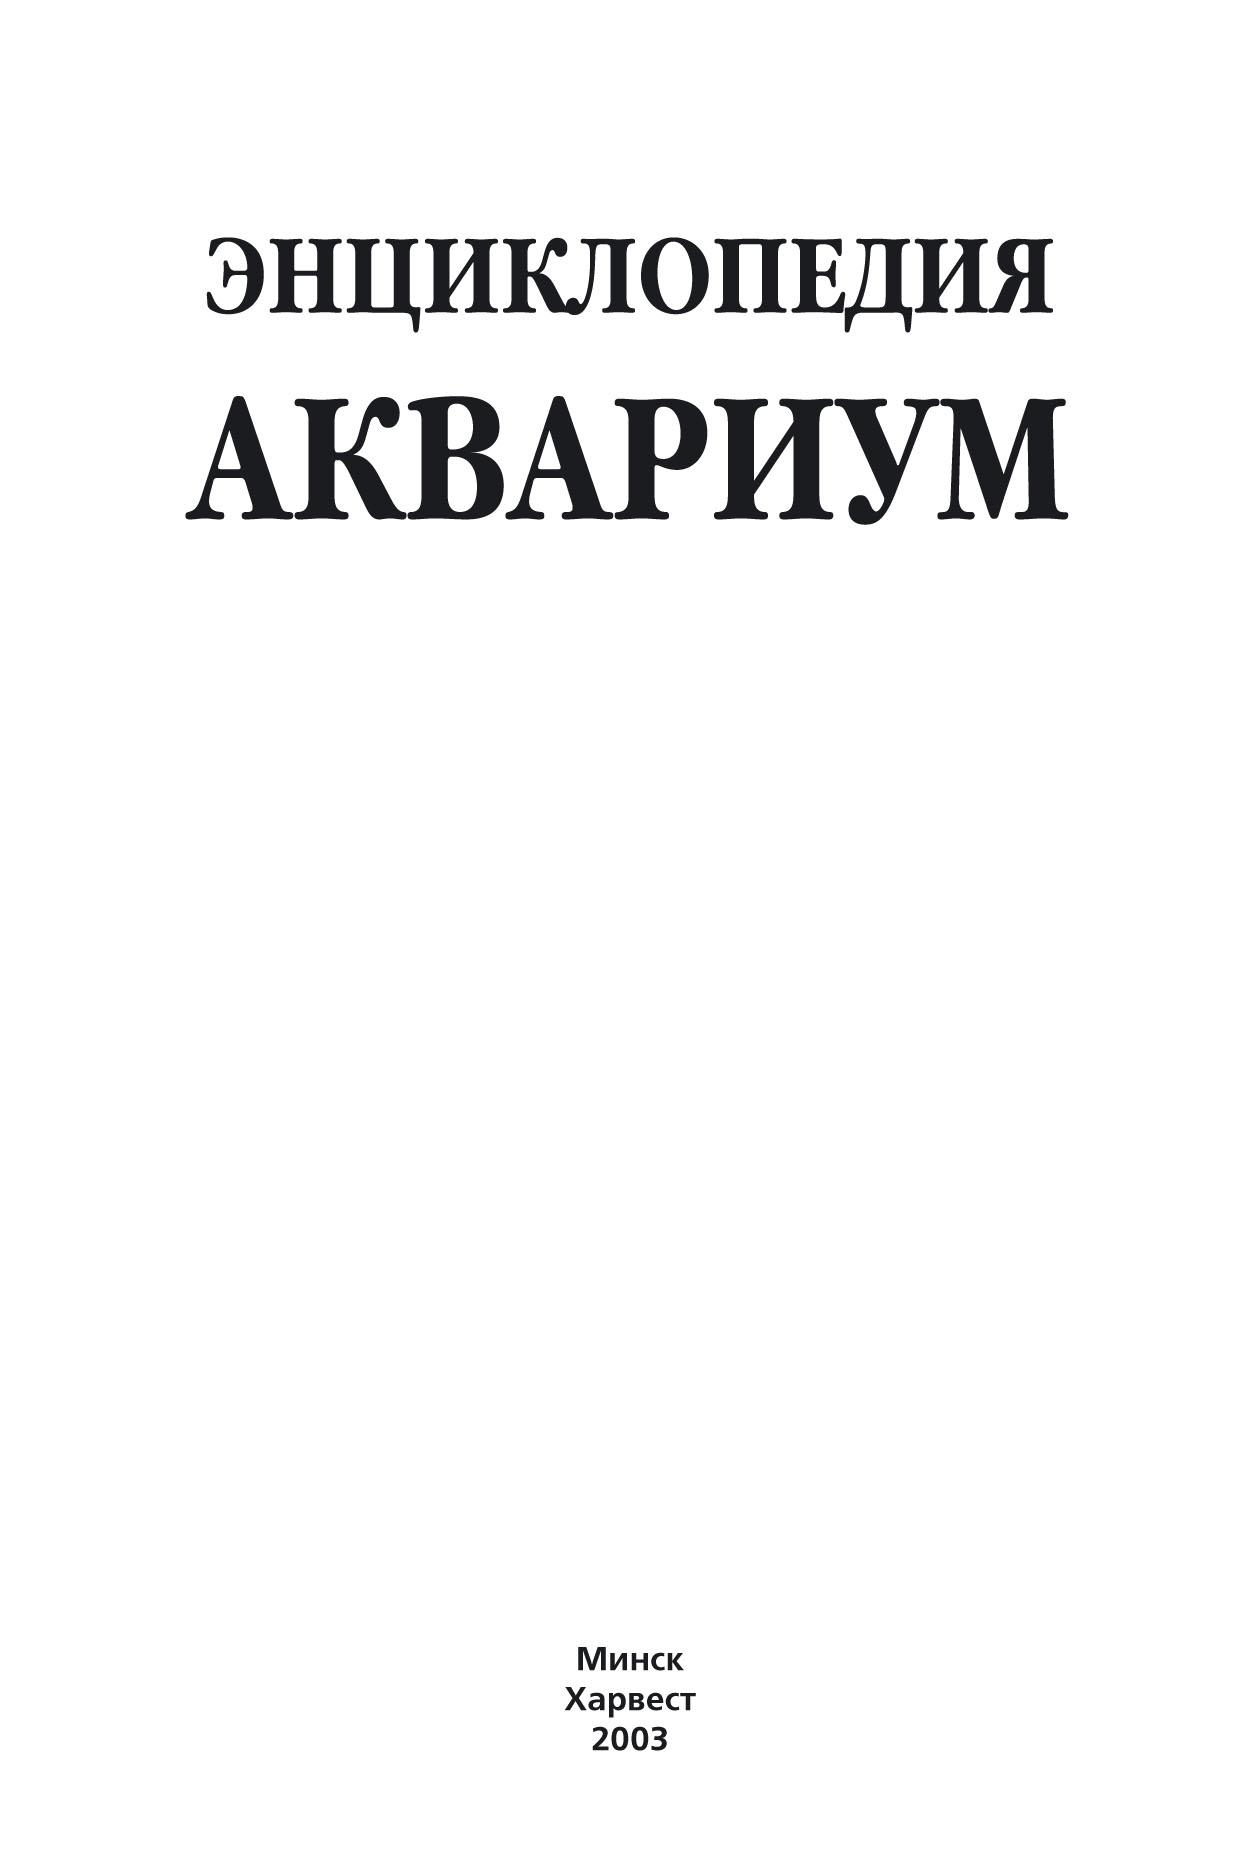 Купить книгу Энциклопедия. Аквариум, автора